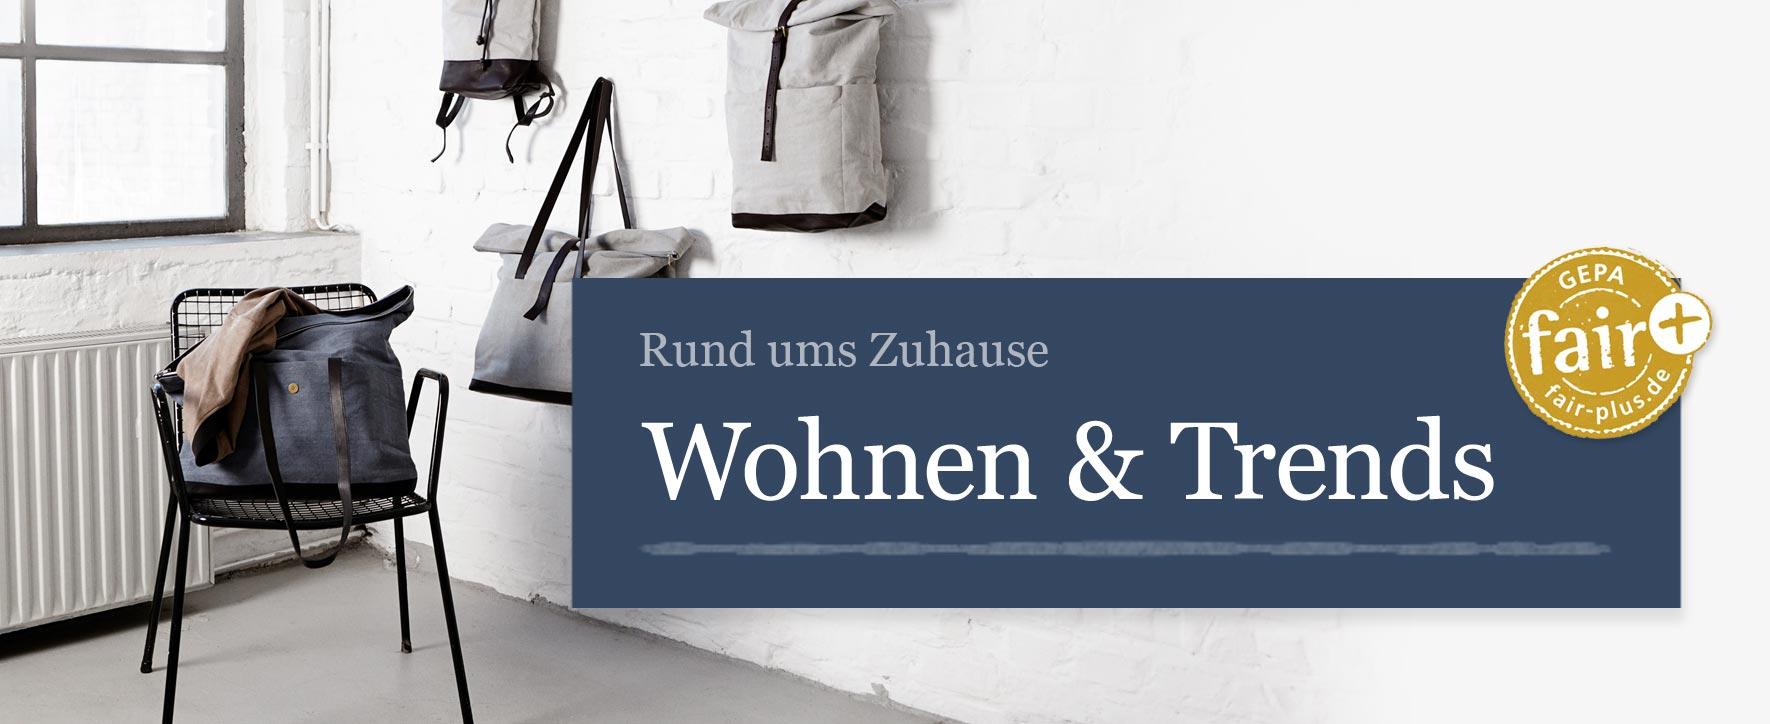 Wohnen & Trends - Foto: GEPA - The Fair Trade Company / Julia von der Heide